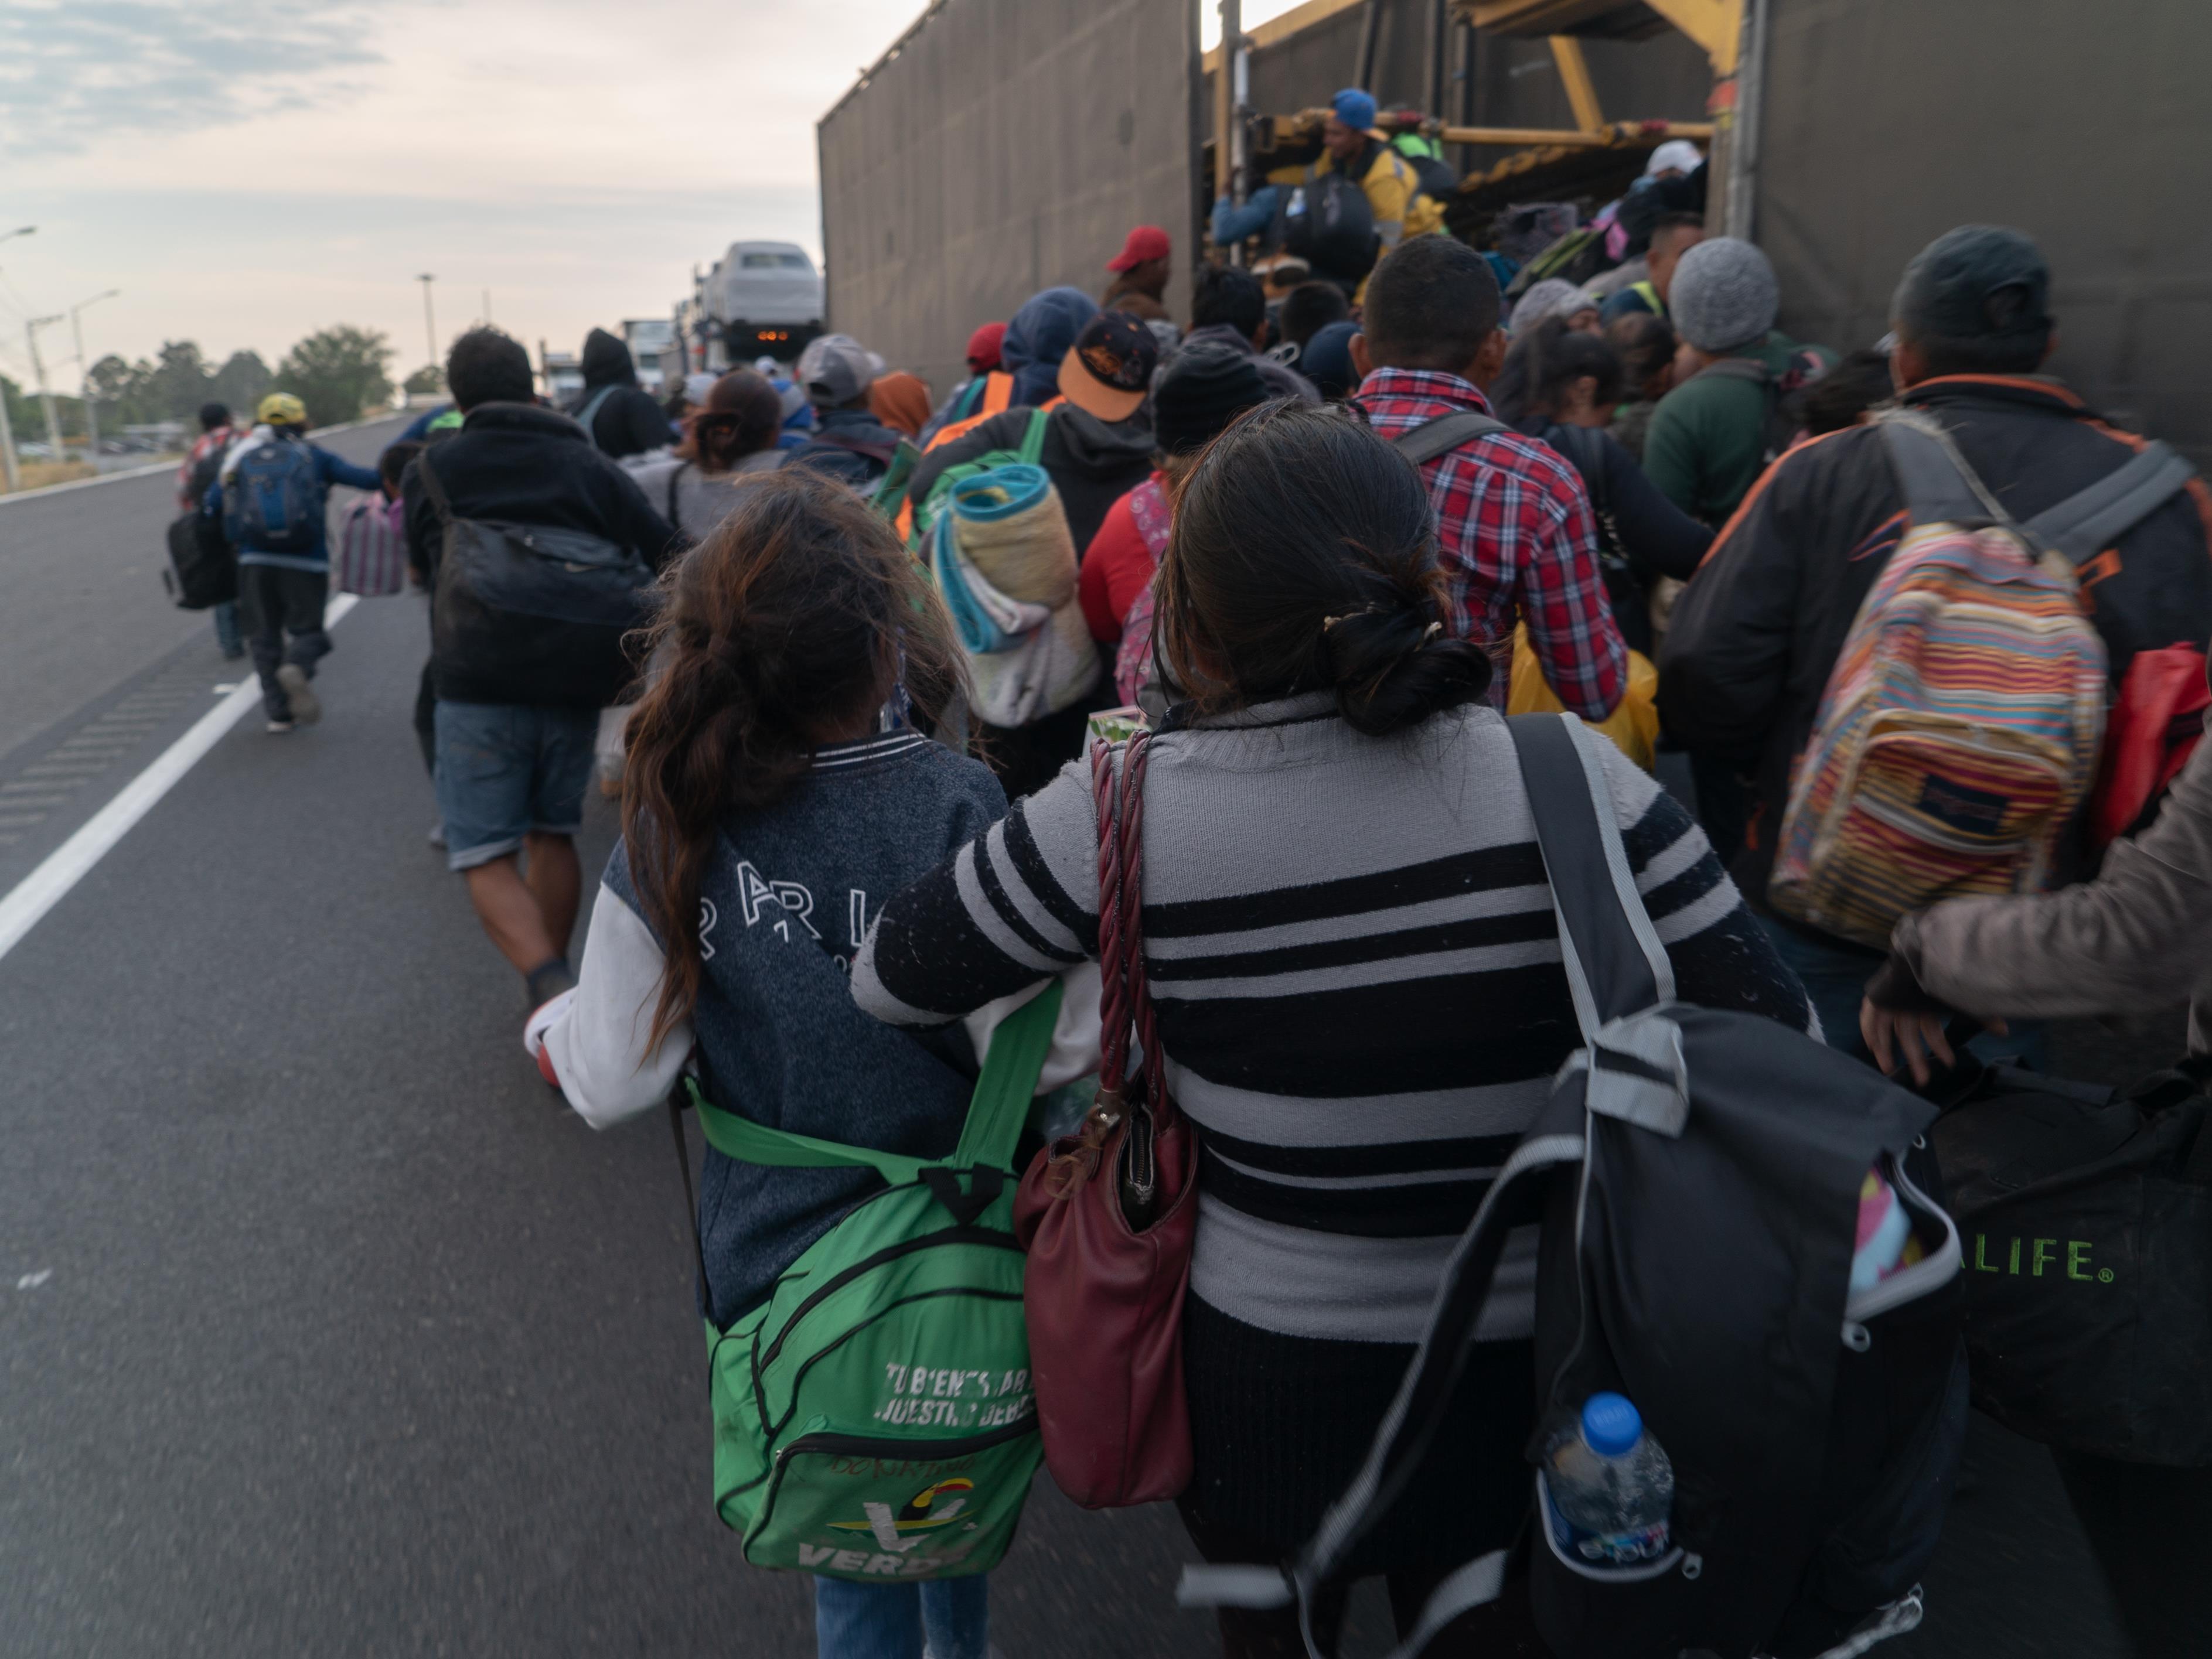 De dos, des migrants montent dans un camion.